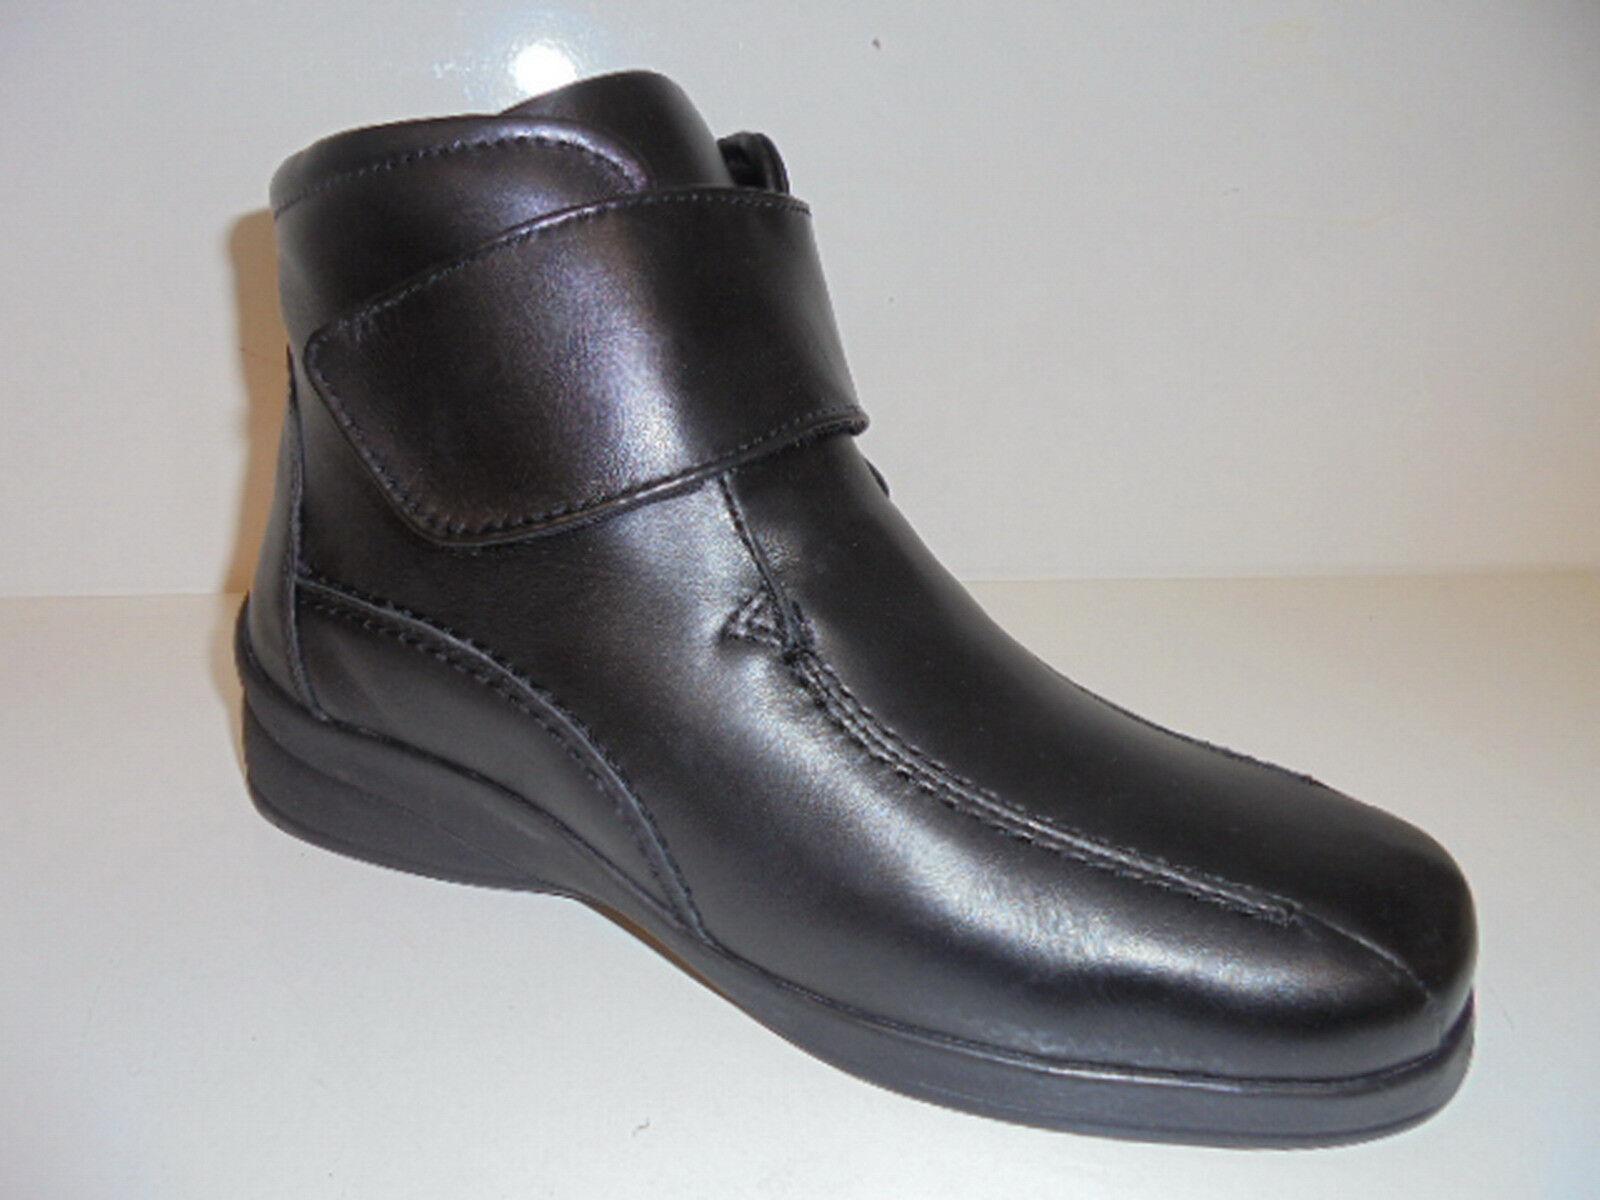 1626001 SANA Vital Damenschuhe Klettverschluß Stiefeletten Leder schwarz Gr. 37